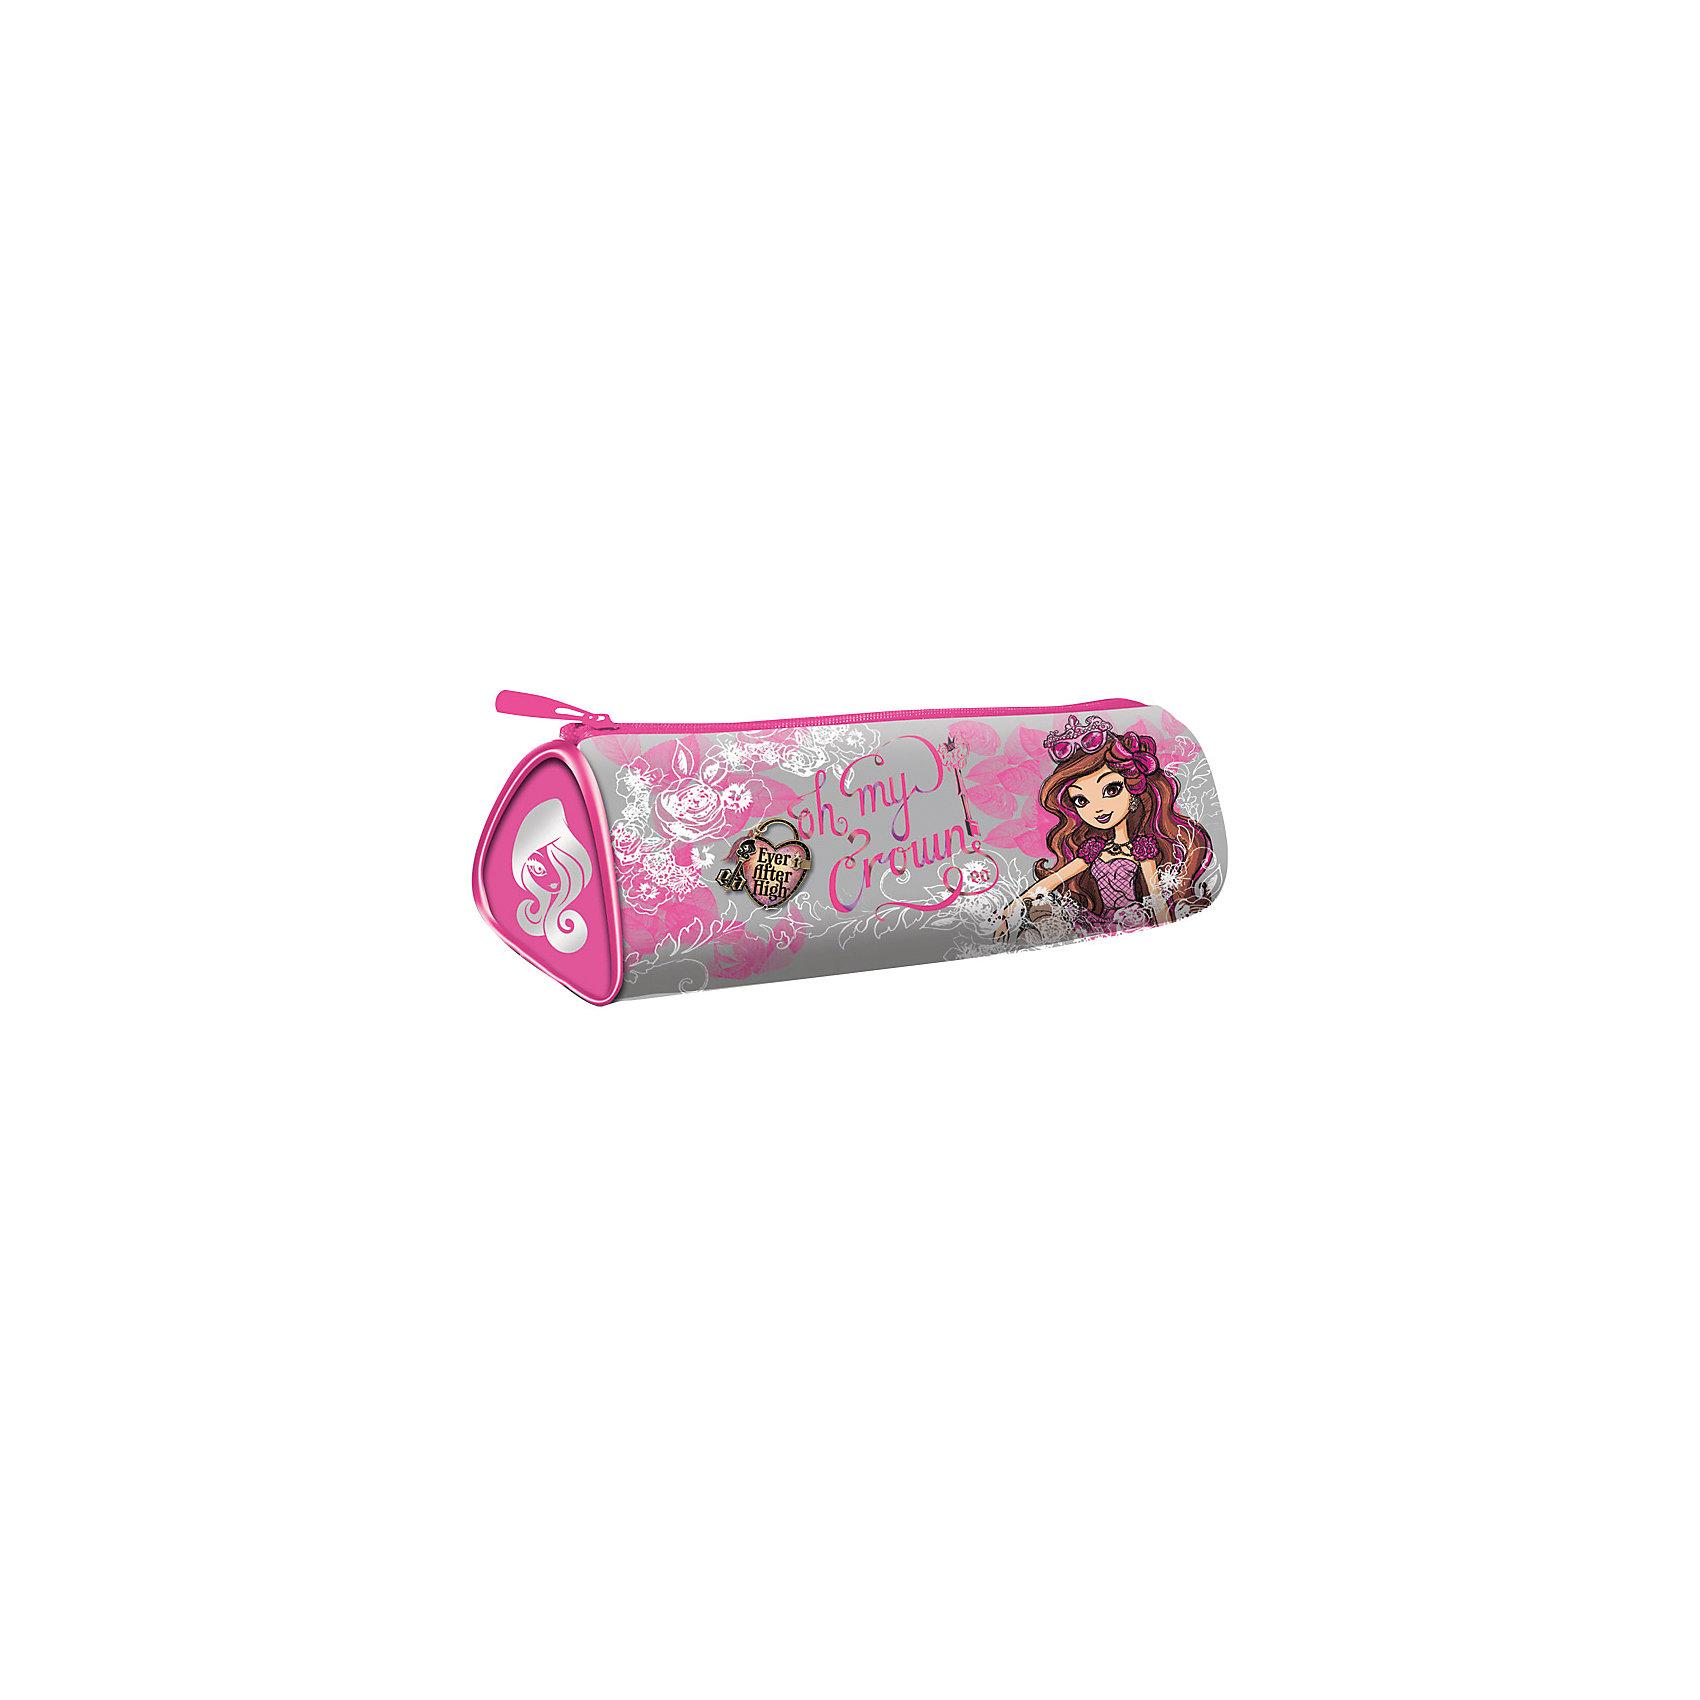 Пенал-тубус треугольный, Ever After High, Mattel , серебро-розовыйПеналы без наполнения<br>Характеристики товара:<br><br>• тип: пенал-тубус<br>• цвет: розовый, серебристый<br>• состав: полиэстер<br>• вид застежки: молния<br>• размеры: 2х21х11 см<br>• количество отделений: 1 шт.<br>• страна бренда: США<br>• страна производитель: Китай<br><br>Яркий пенал-тубус Ever After High торговой марки Mattel с одним отделением поможет собрать школьные письменные принадлежности. <br><br>Вместительный корпус выполнен из износостойкого материала, оснащен прочной молнией.<br><br>Пенал-тубус треугольный, Ever After High, Mattel можно купить в нашем интернет-магазине.<br><br>Ширина мм: 210<br>Глубина мм: 150<br>Высота мм: 110<br>Вес г: 45<br>Возраст от месяцев: 48<br>Возраст до месяцев: 120<br>Пол: Женский<br>Возраст: Детский<br>SKU: 5475502